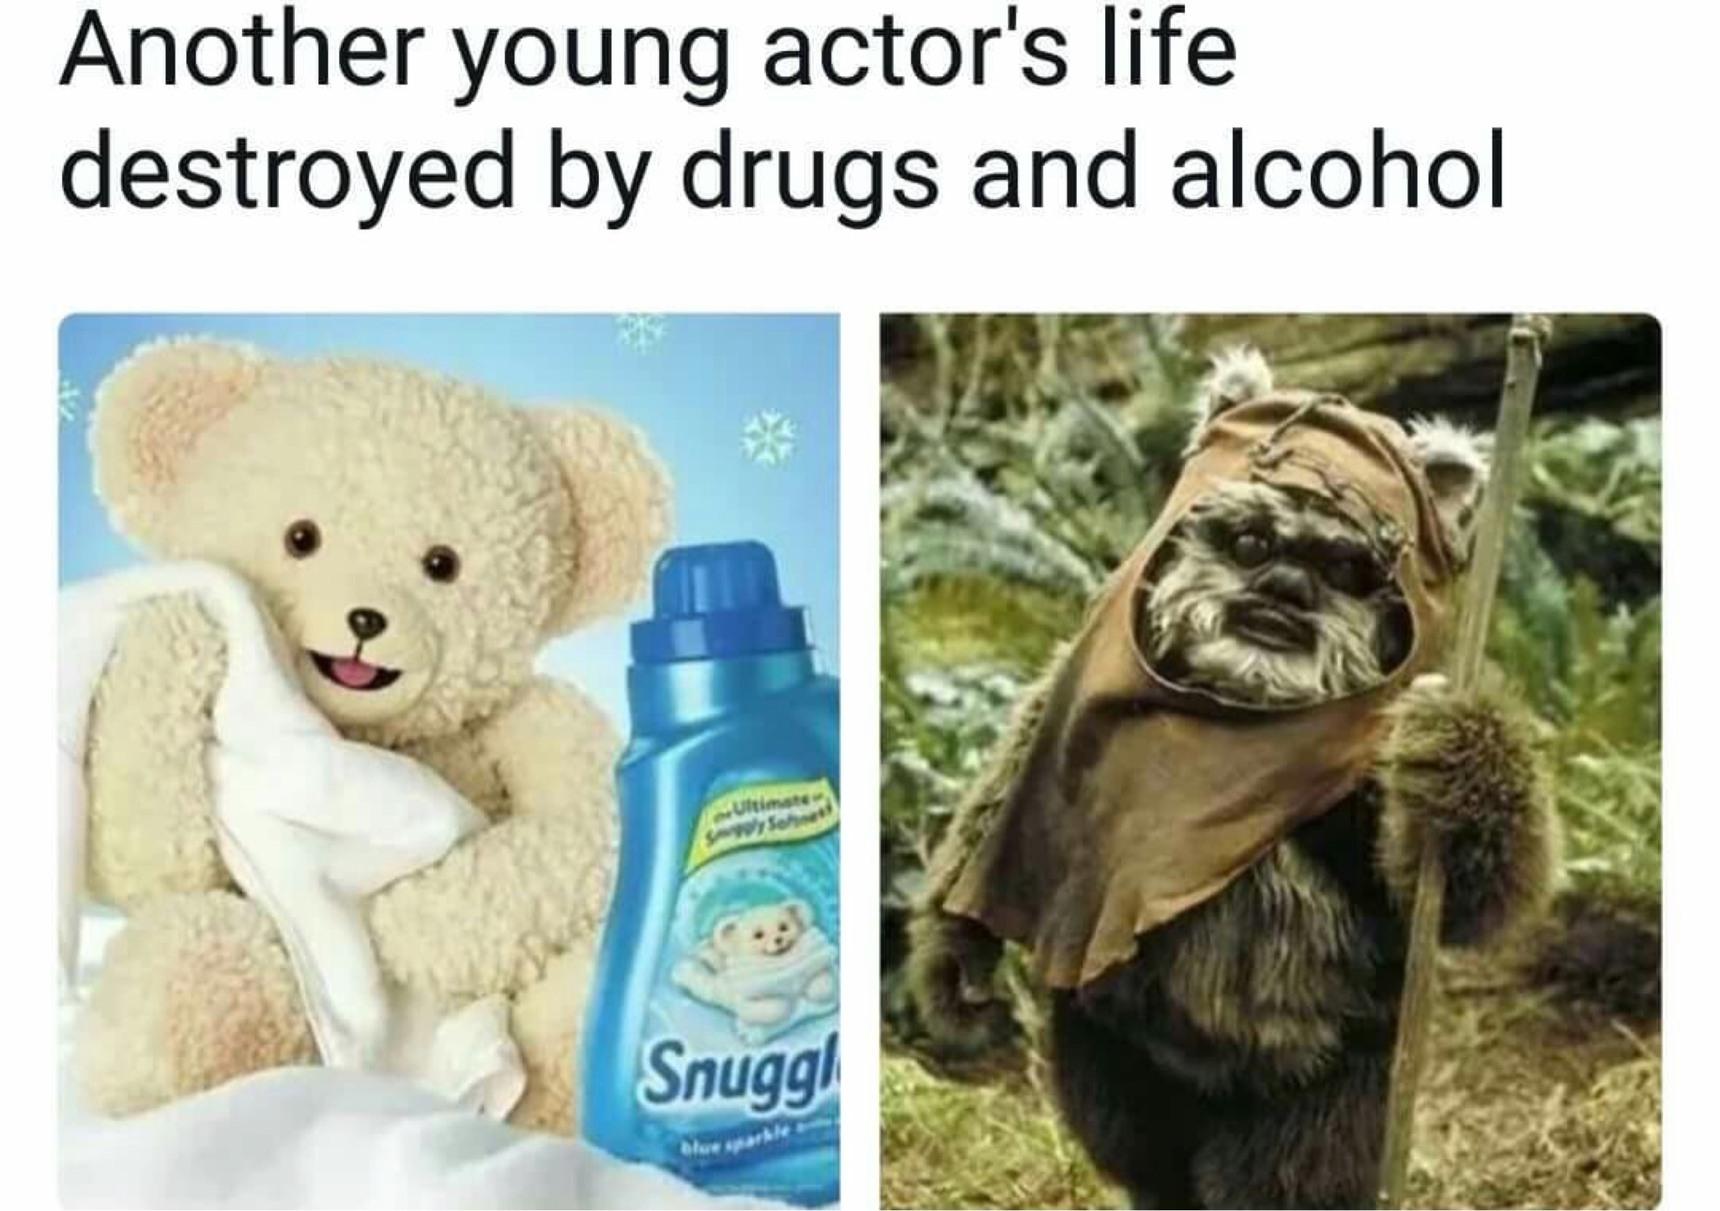 it's everyday bro - meme